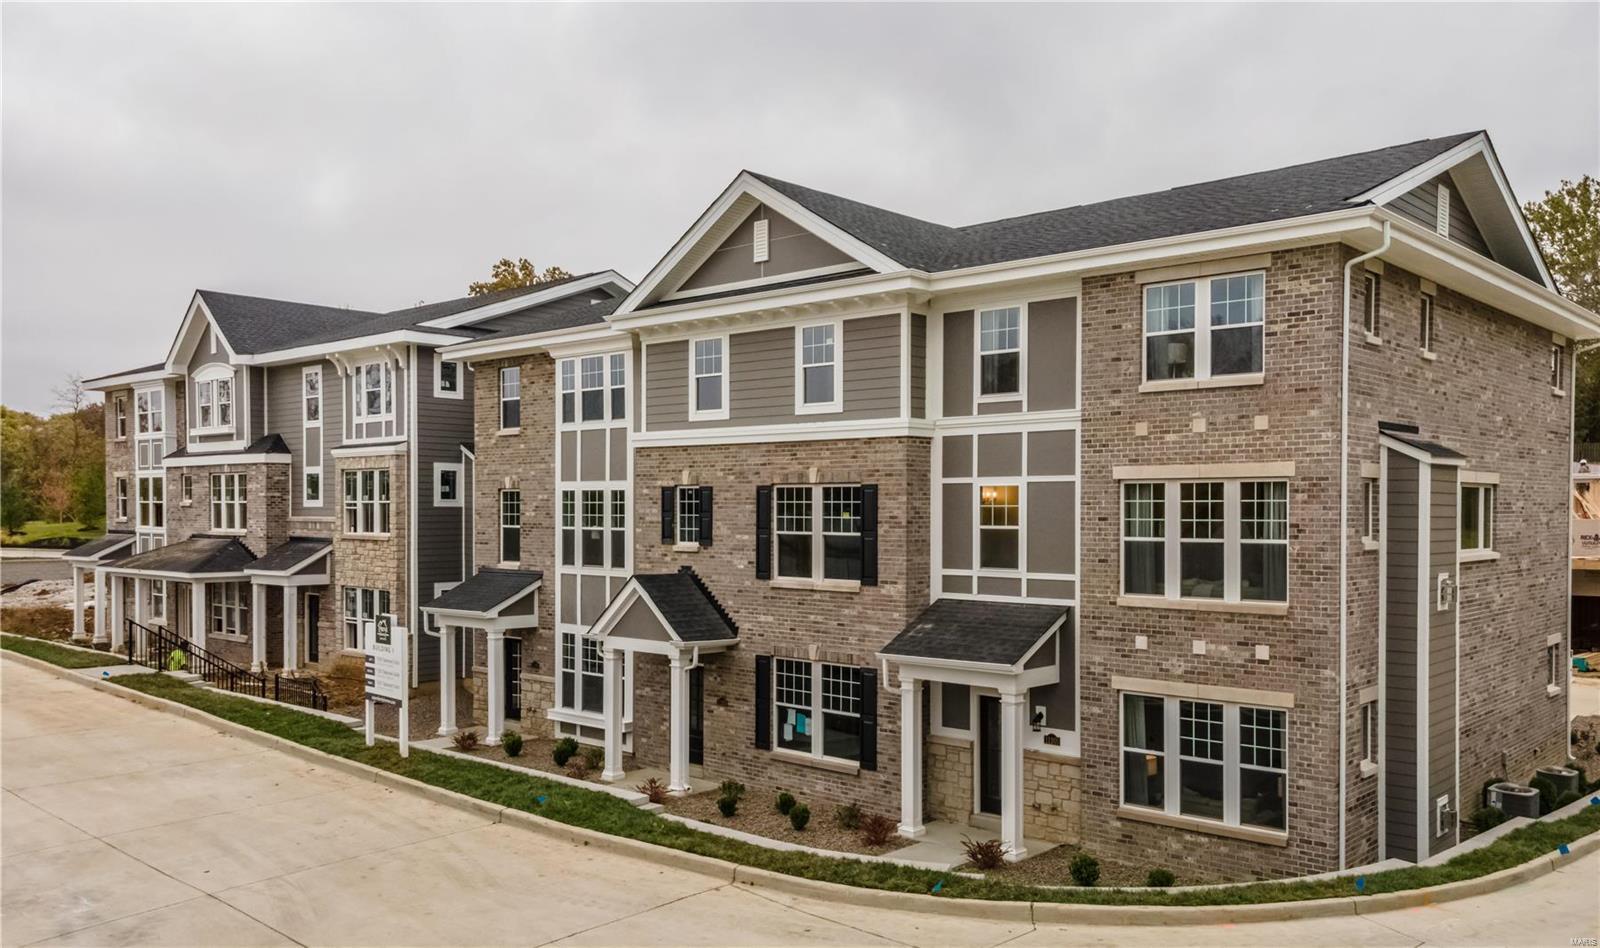 11213 Talamore Circle #4 Property Photo - Frontenac, MO real estate listing